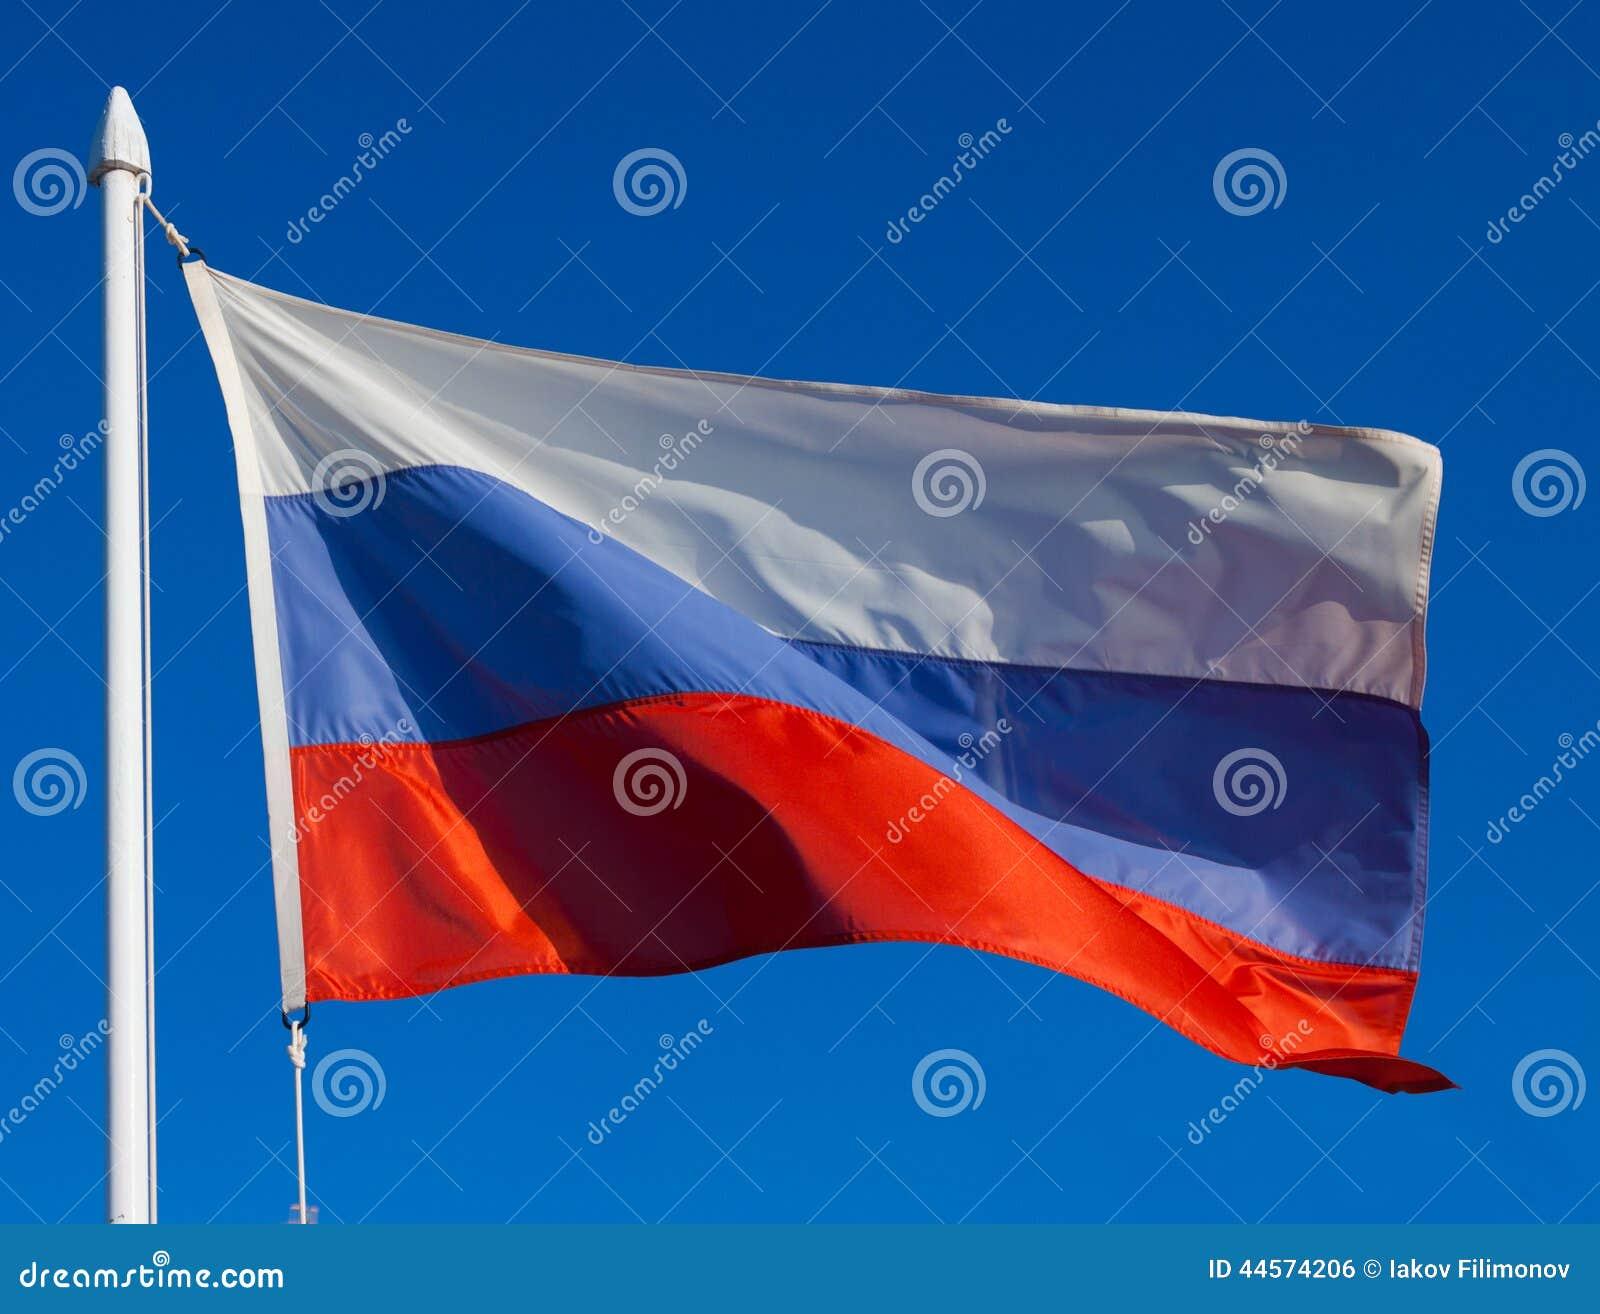 Флаг России в полете